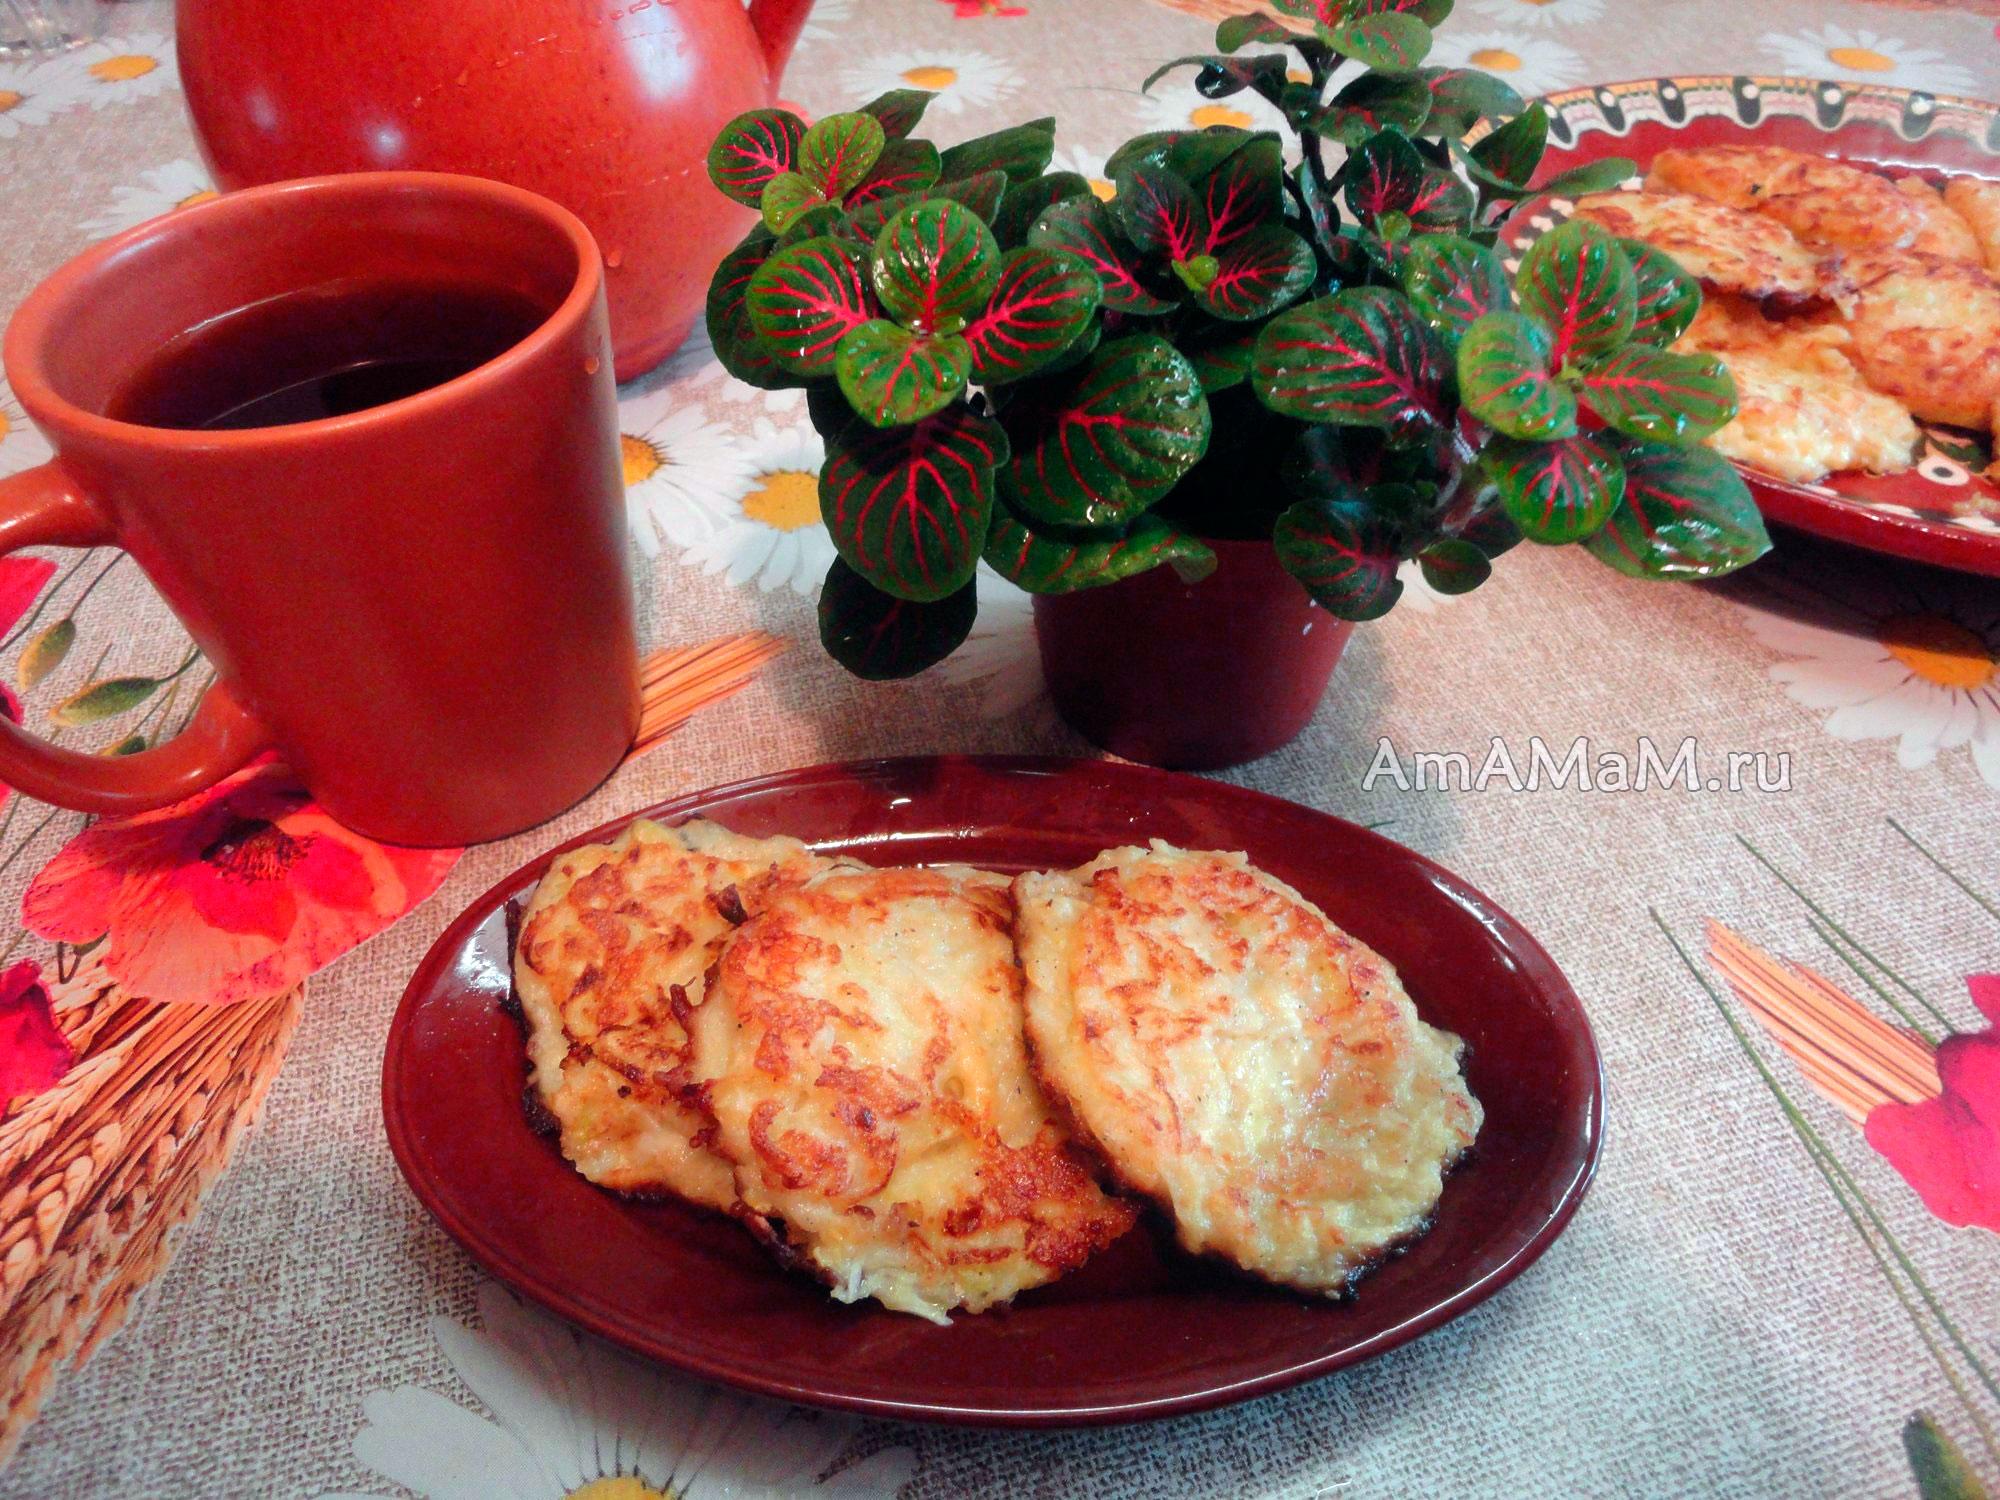 Сладкие оладьи с кабачков рецепт с фото